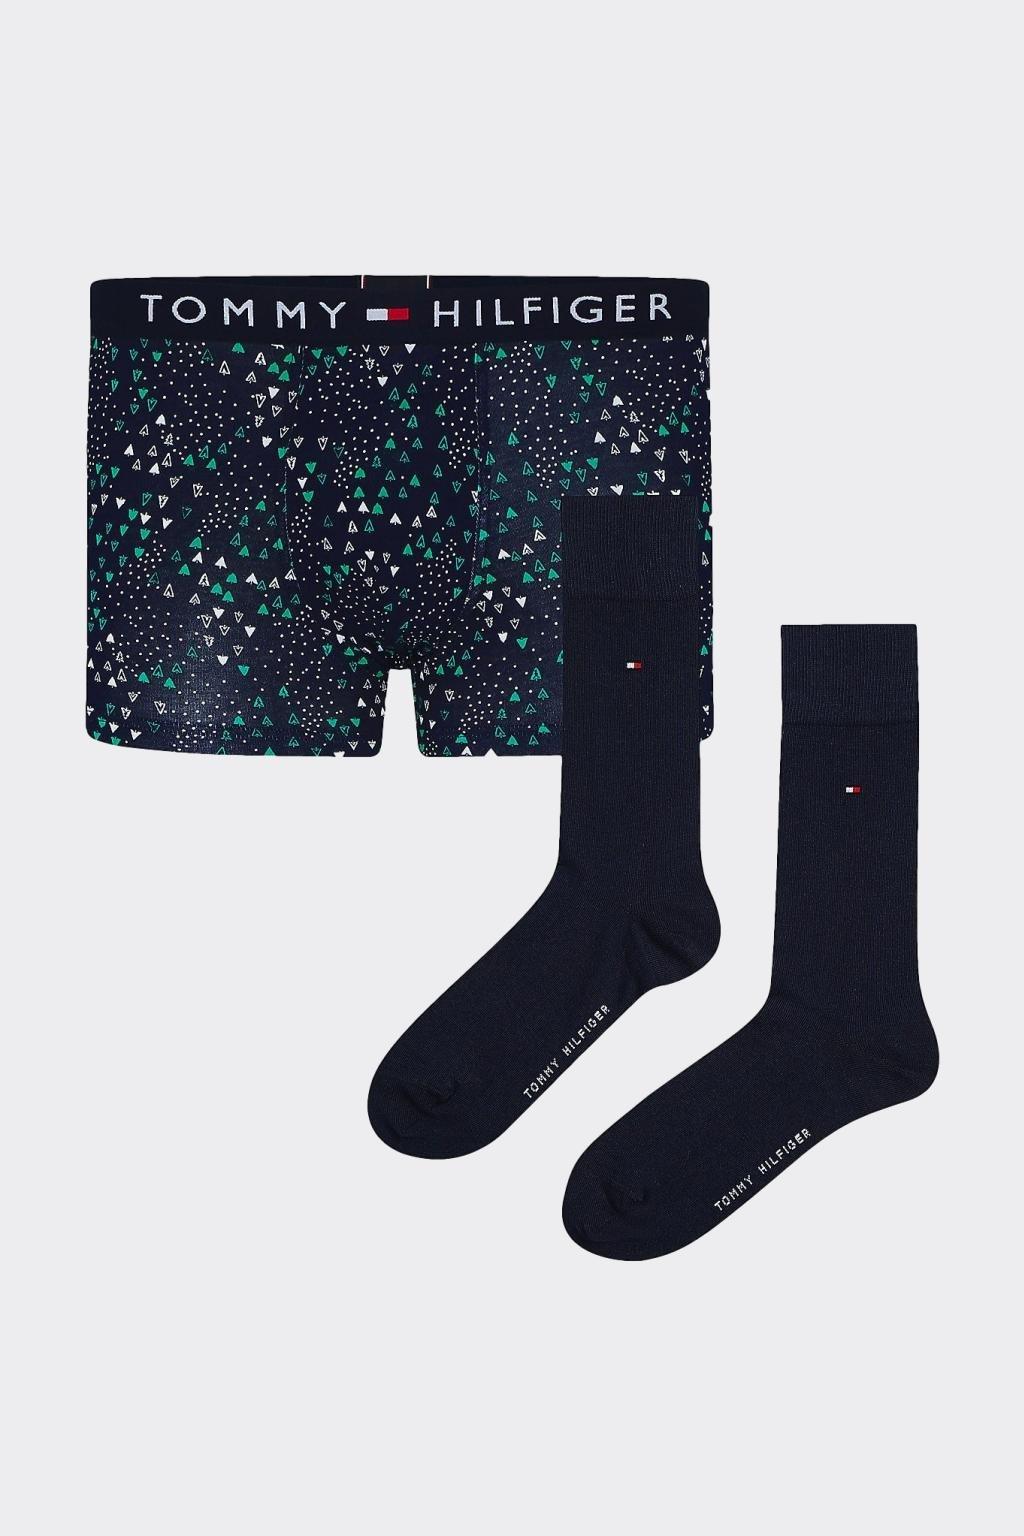 Dárkové balení Tommy Hilfiger boxerky + ponožky - tmavě modrá